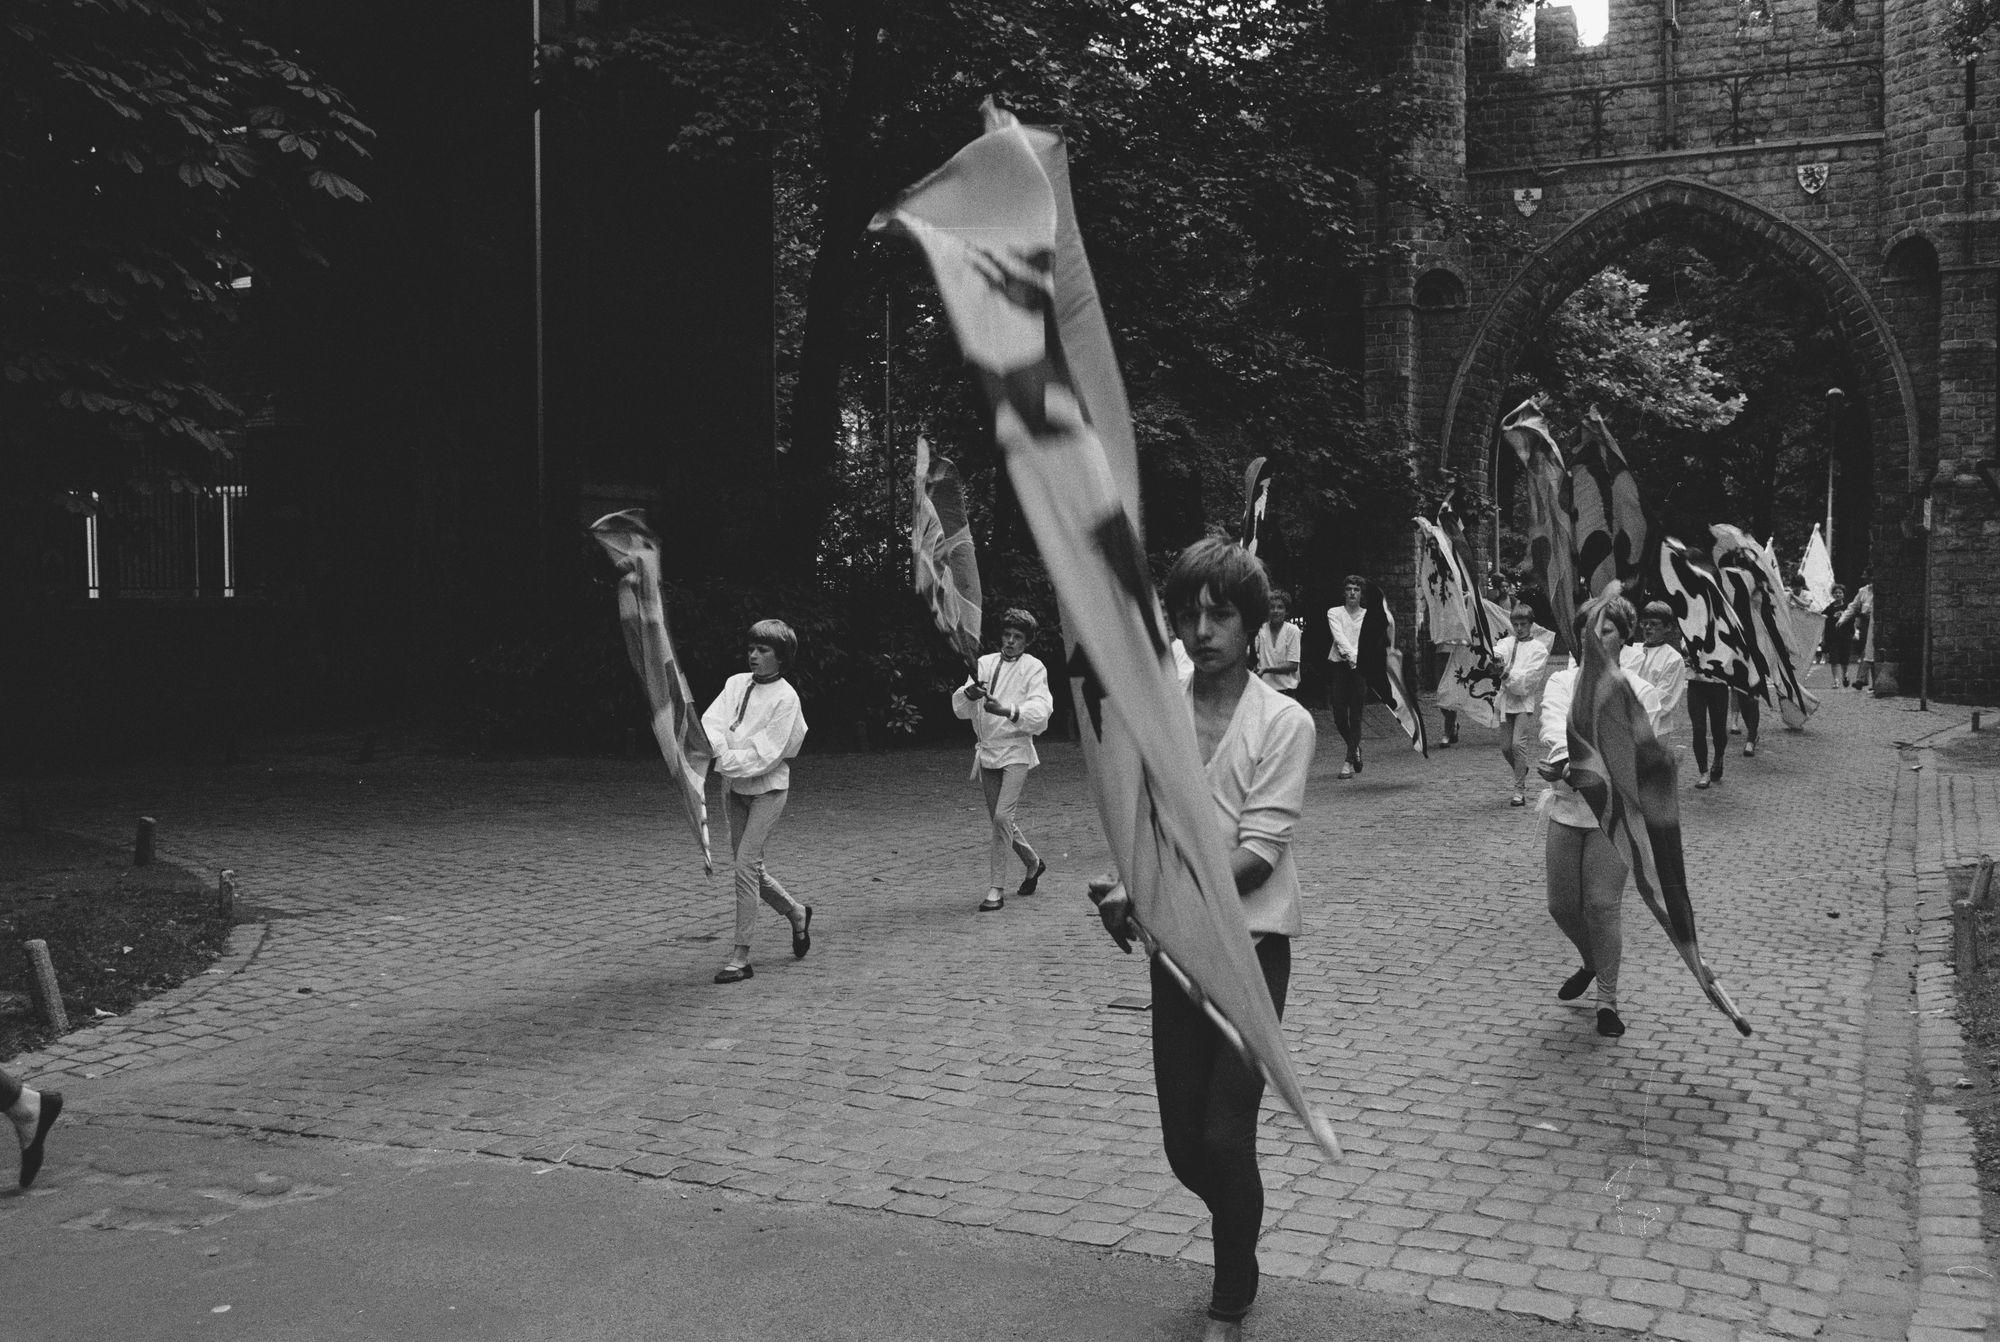 Vlaggenzwaaiers in optocht tijdens de 11 juliviering 1982